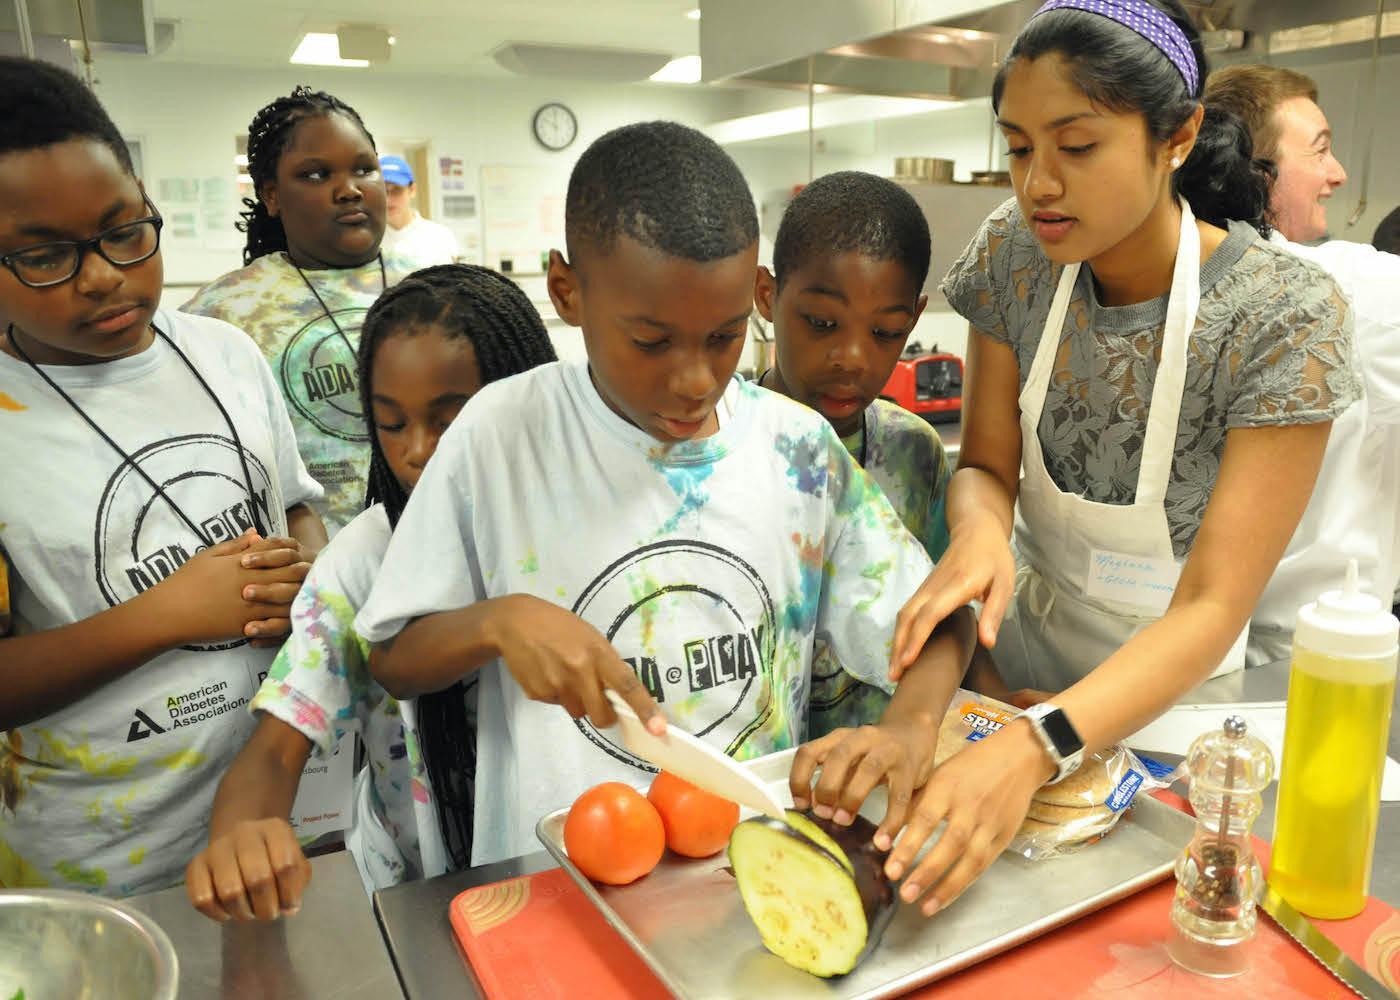 Children cutting vegetables